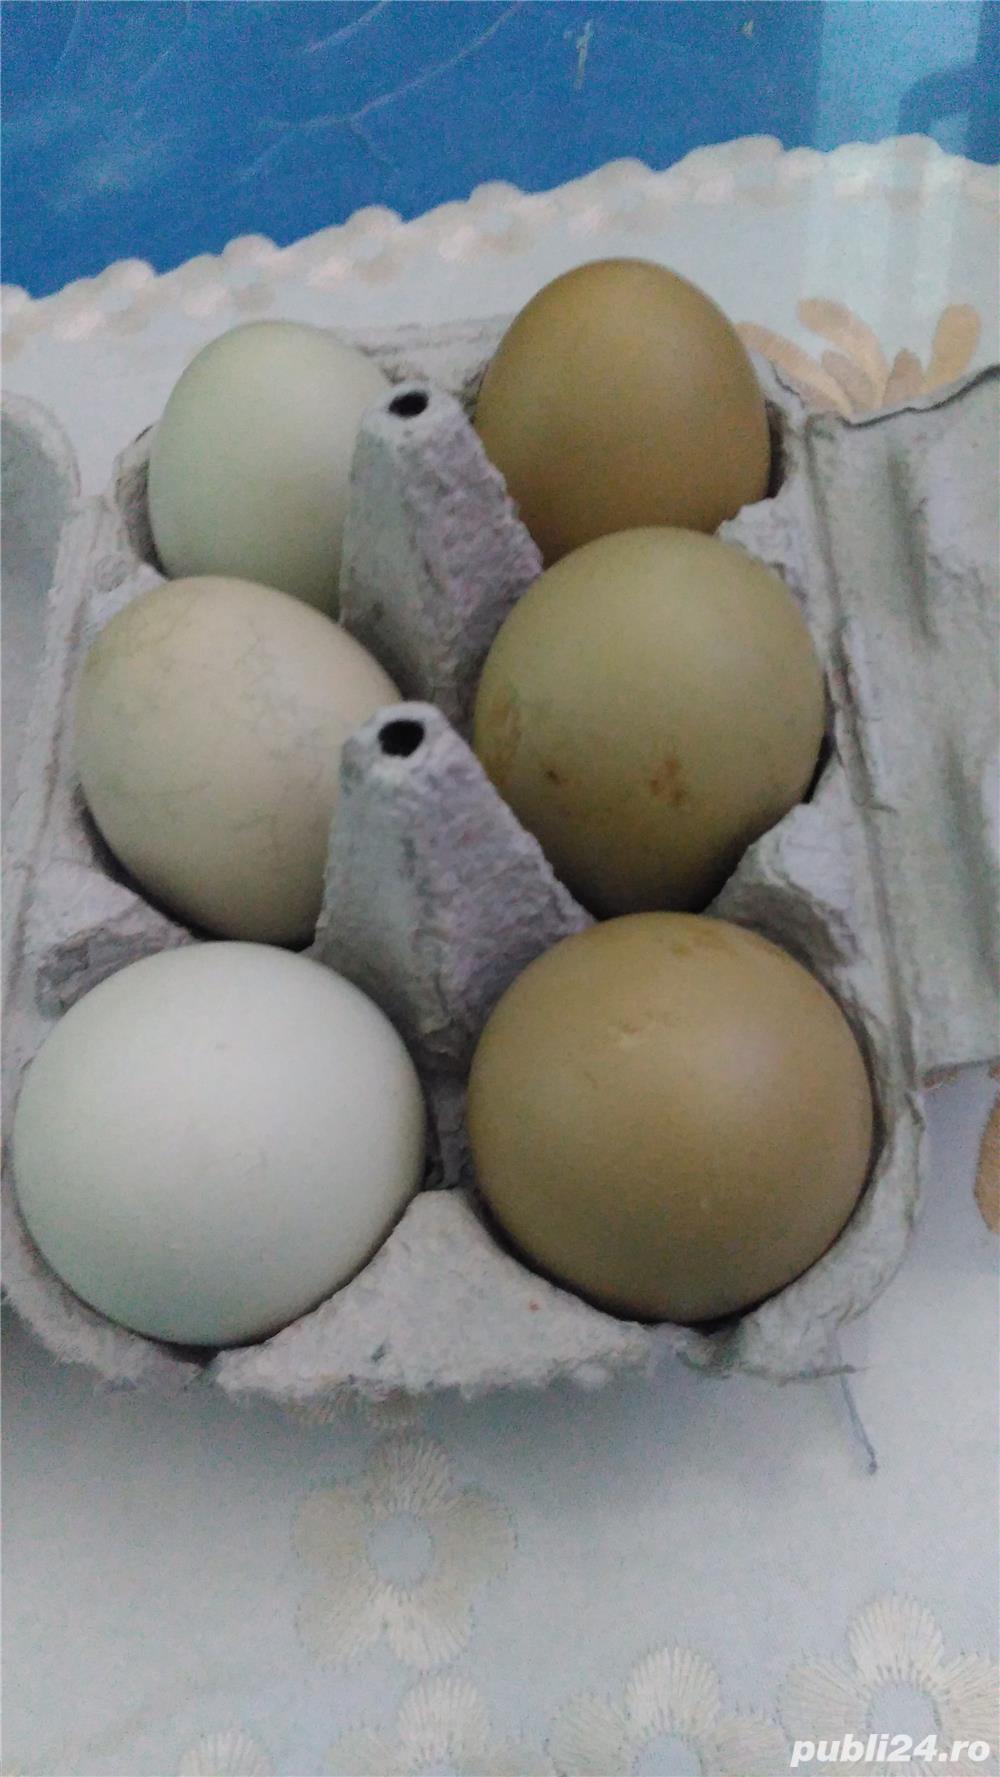 Vînd oua verzi de găină Araucana 1leu